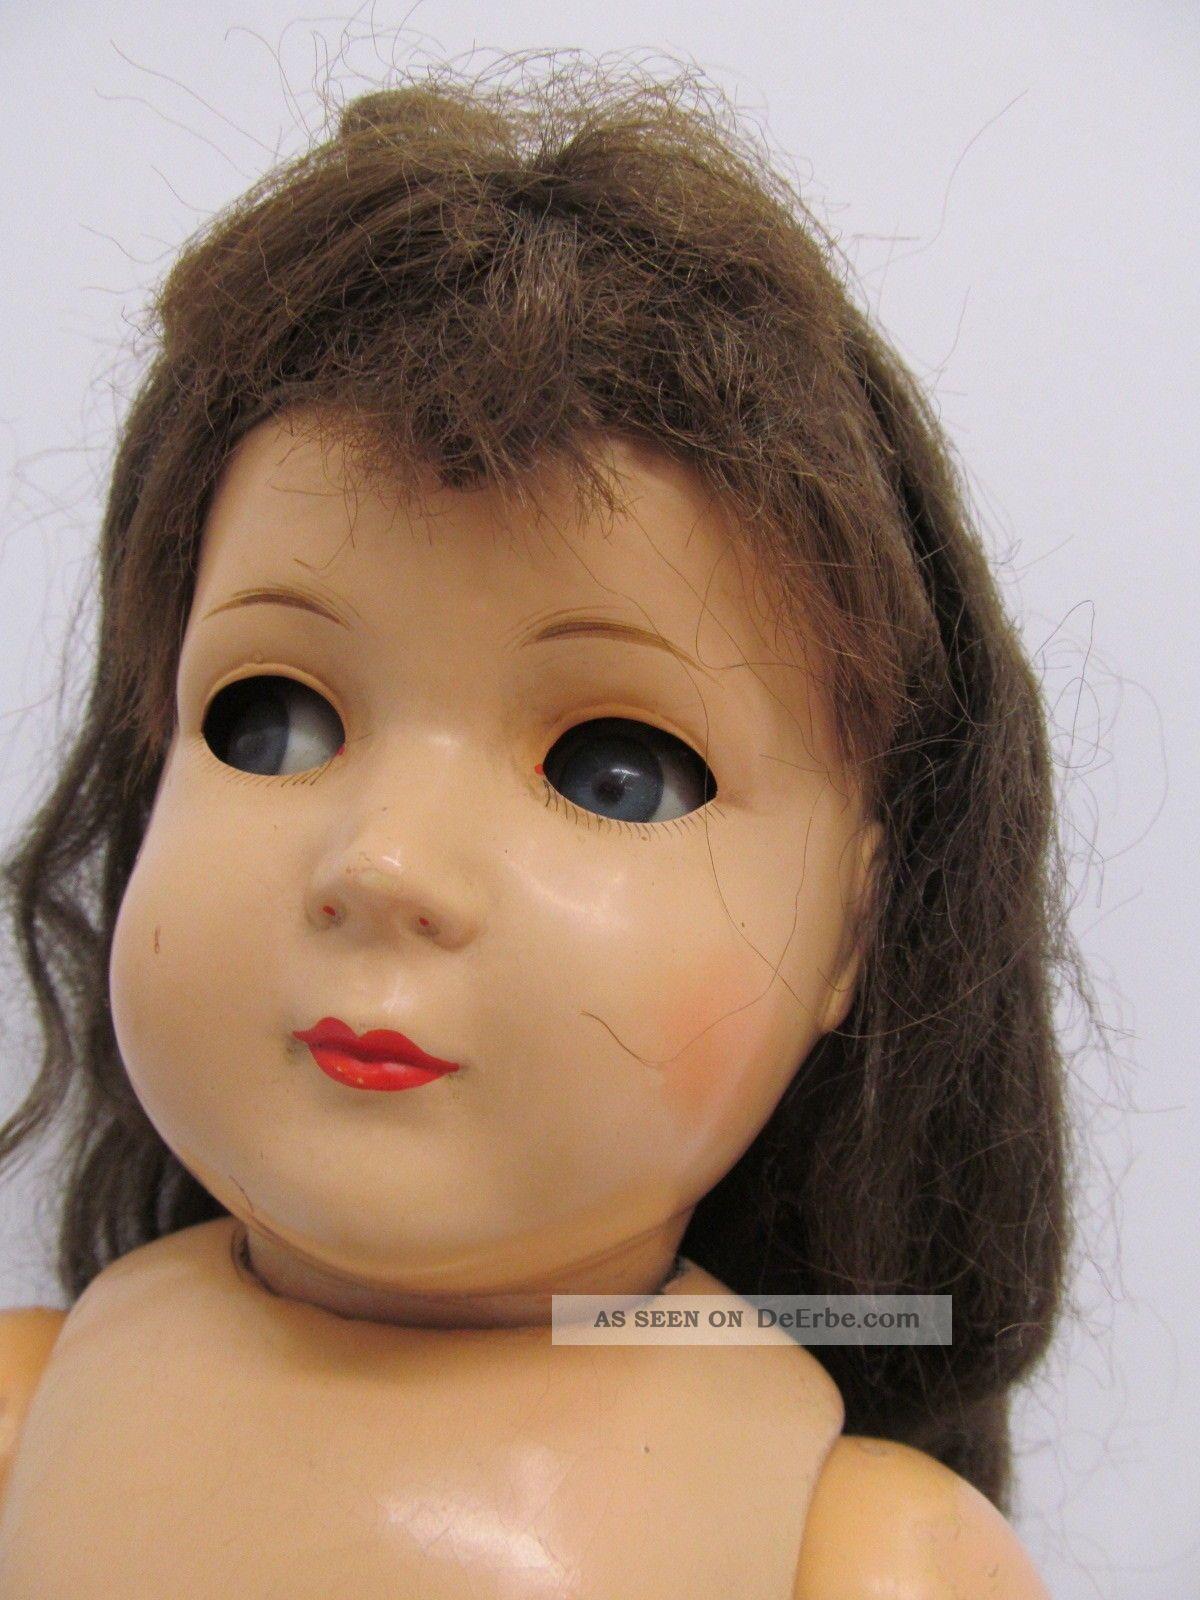 Ens62969 Ältere Kunststoff Kopf Puppe K & W H:ca.  51cm,  Hm:k & W 242/51, Puppen & Zubehör Bild